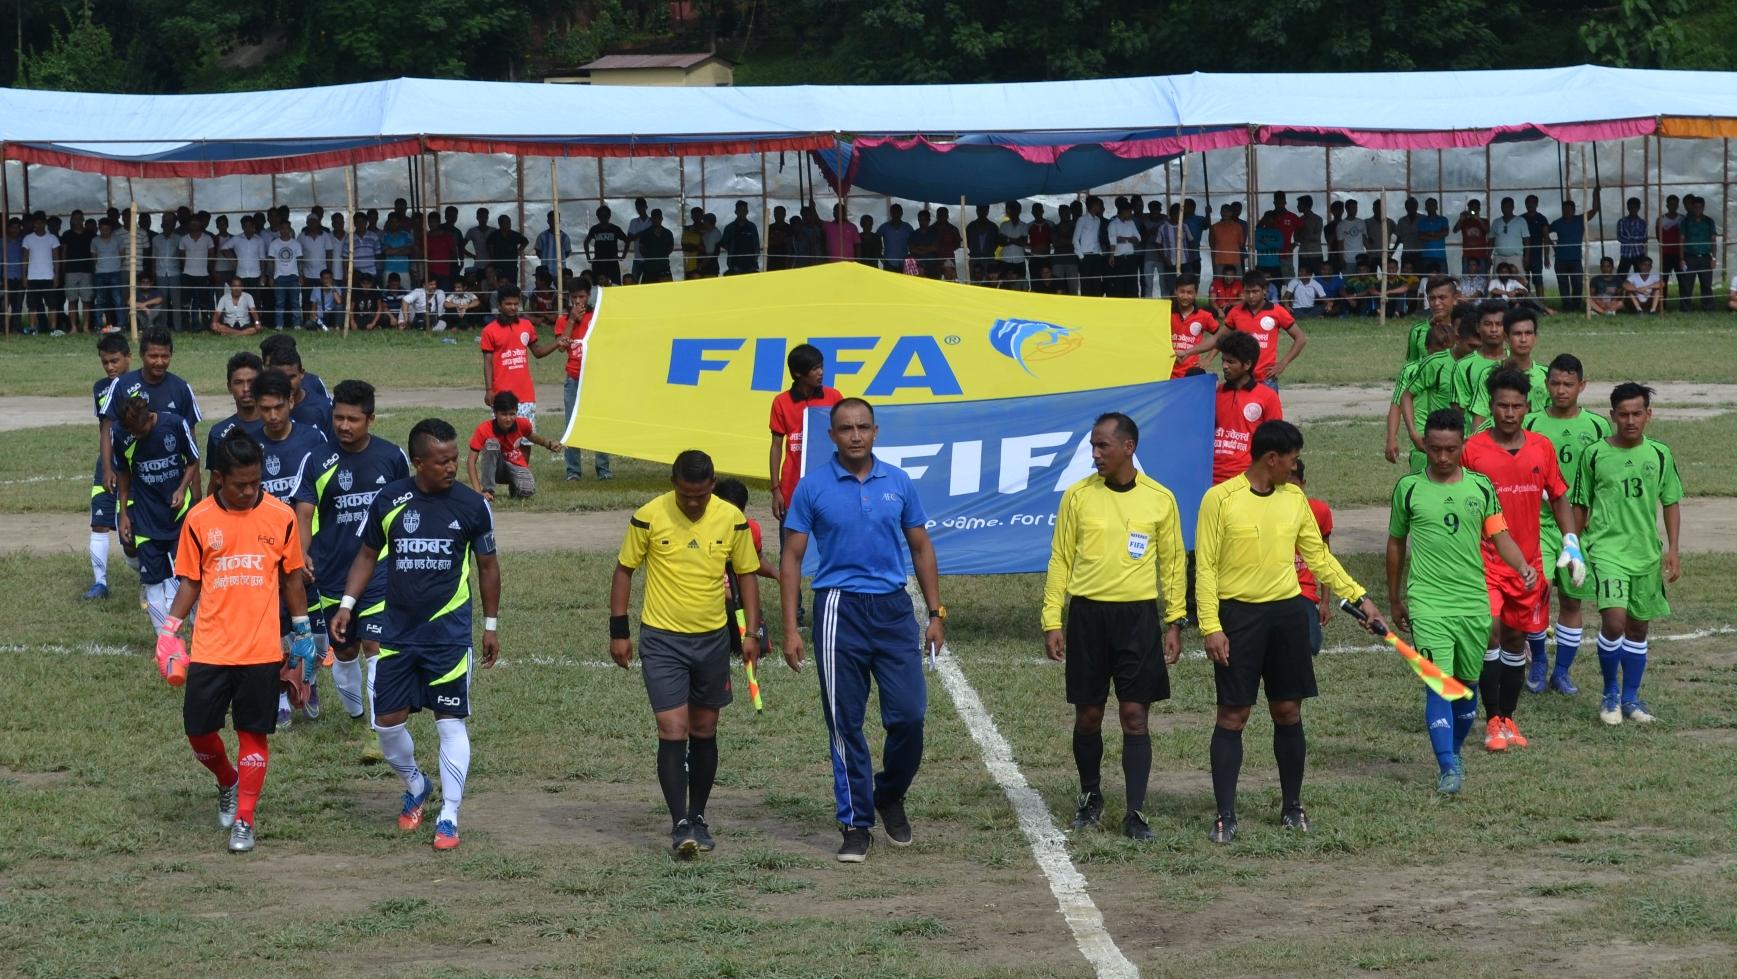 नेपालकप फुटबलमा नारायणगढ फुलबल क्लबको विजयी सुरुवात